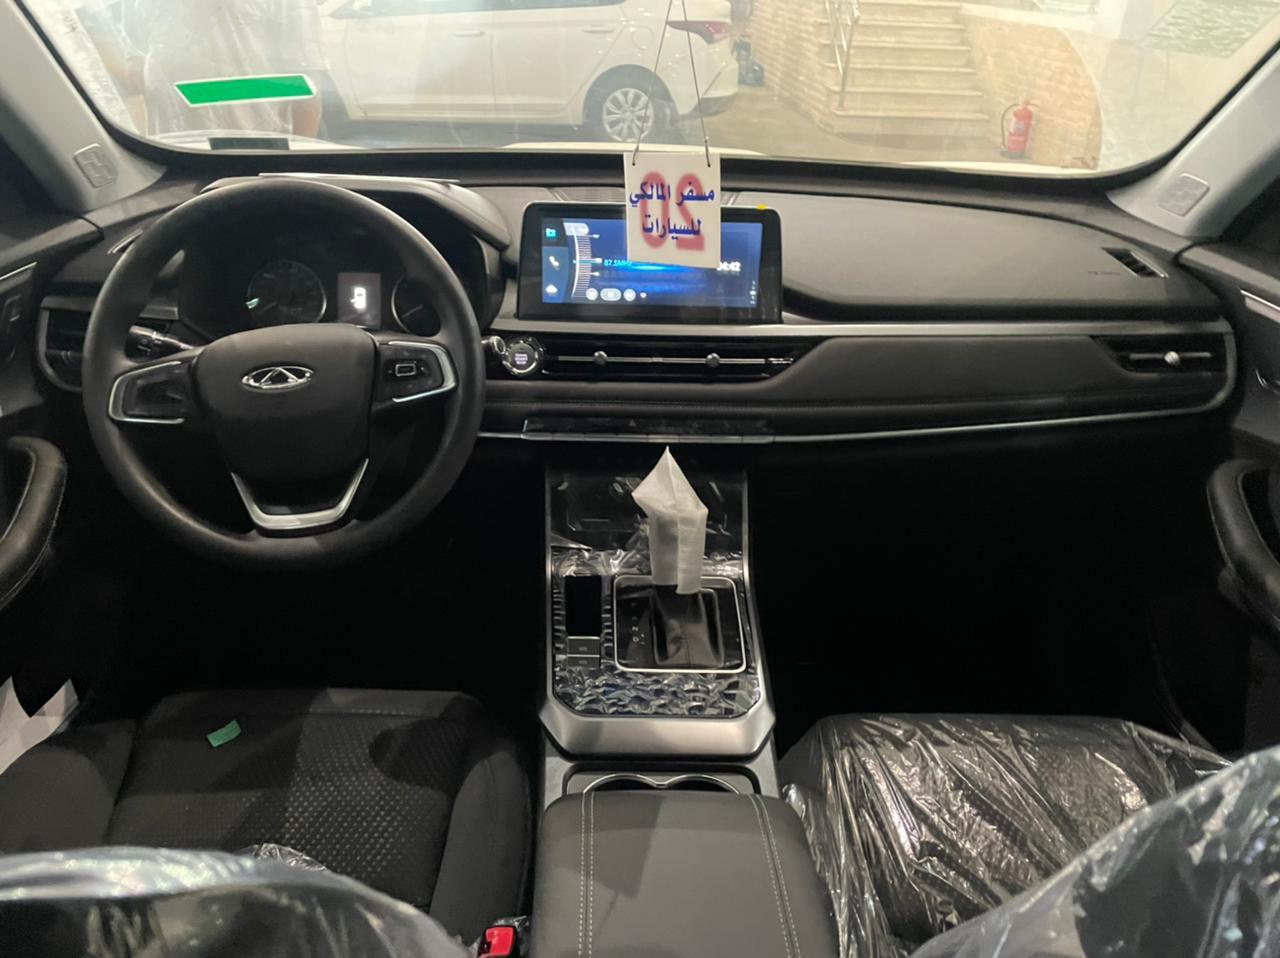 شيري تيجوو 4 2022 نص فل سعودي للبيع في جدة - السعودية - صورة كبيرة - 15